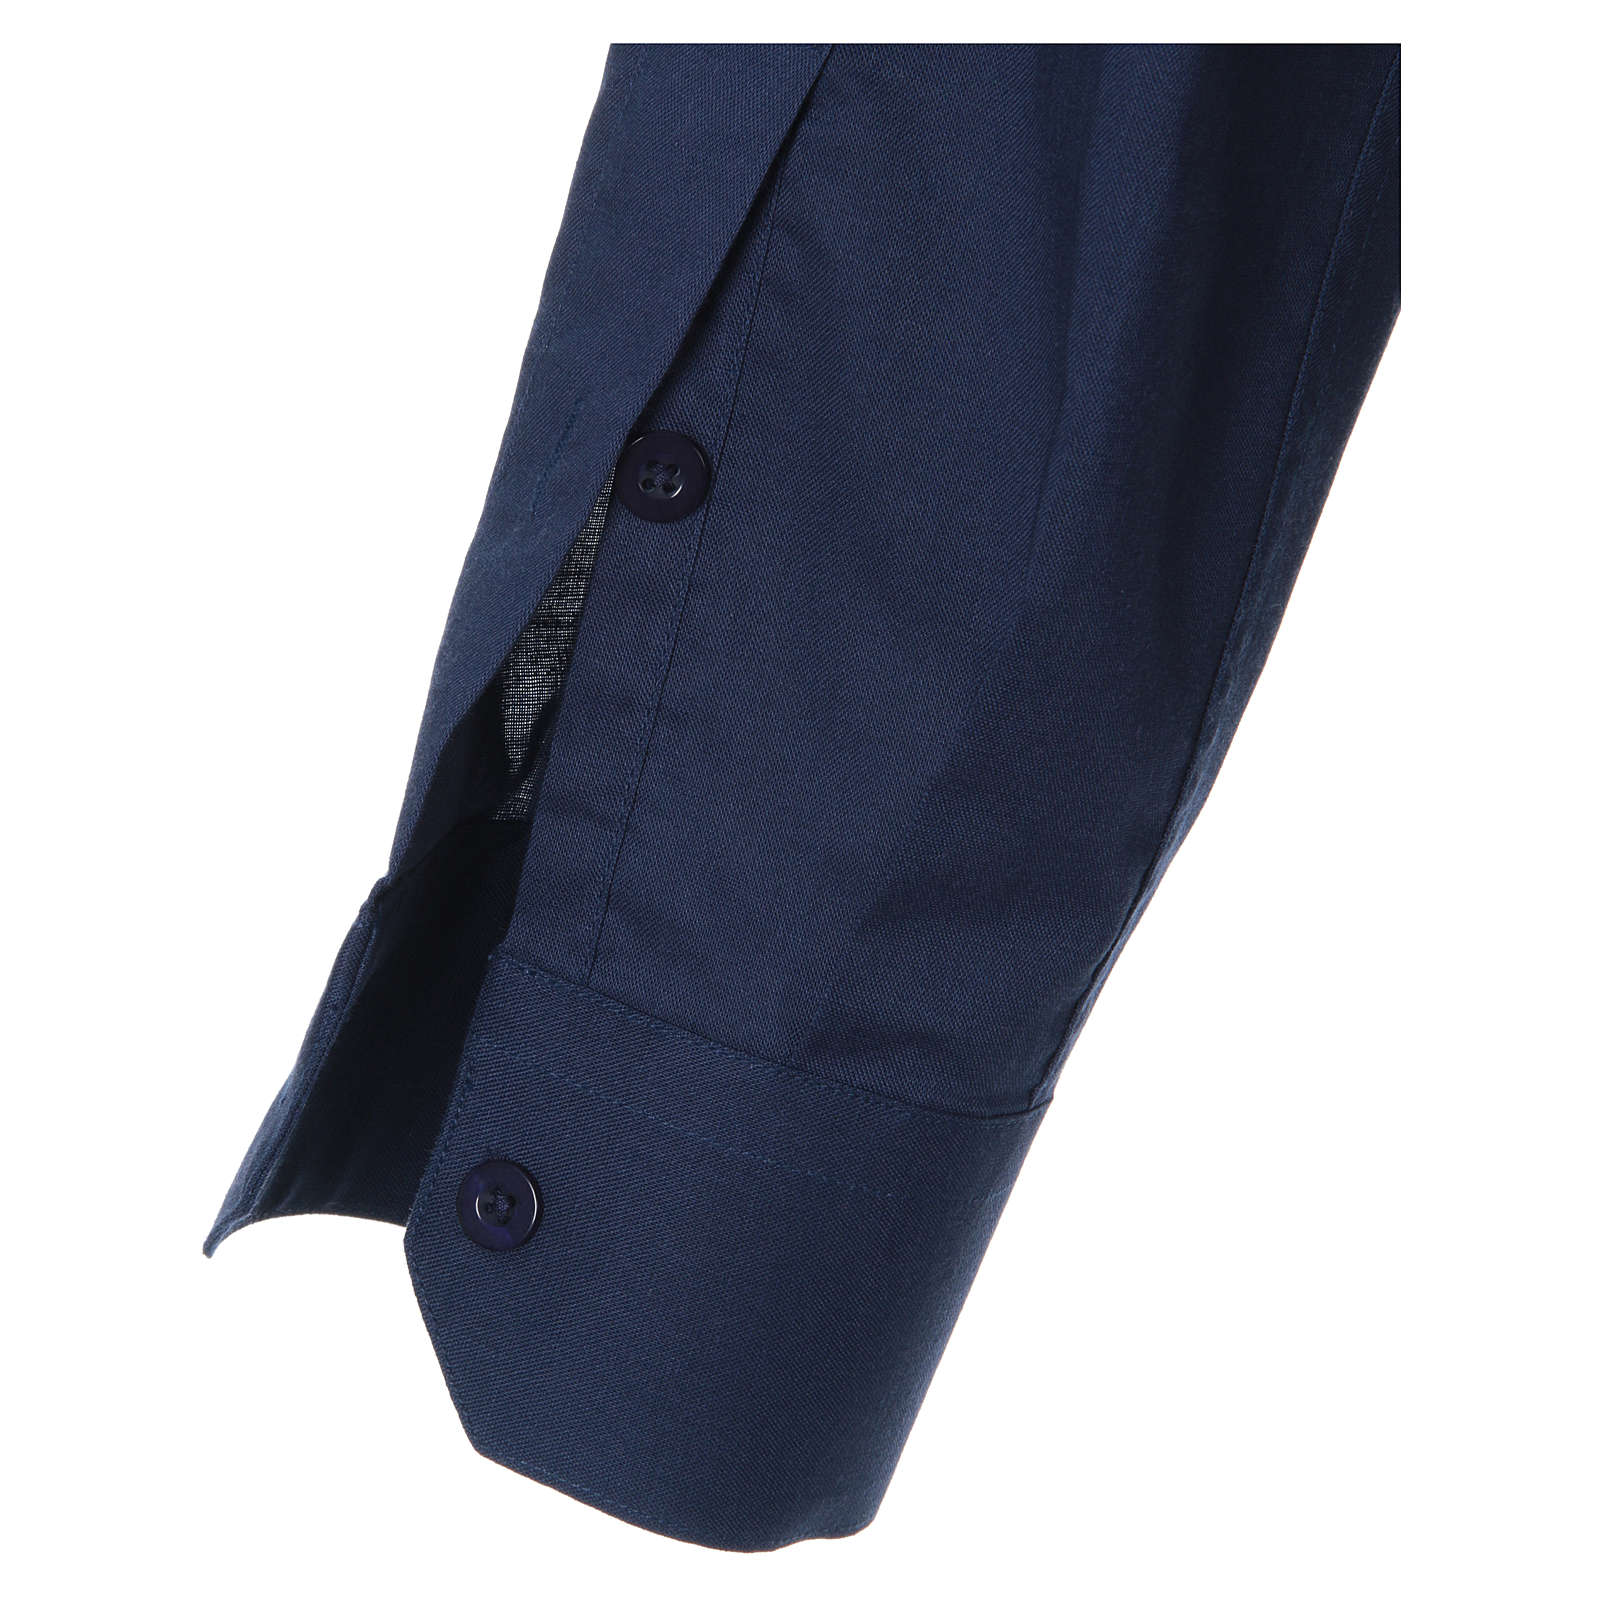 STOCK Chemise clergyman manches longues mixte bleu 4